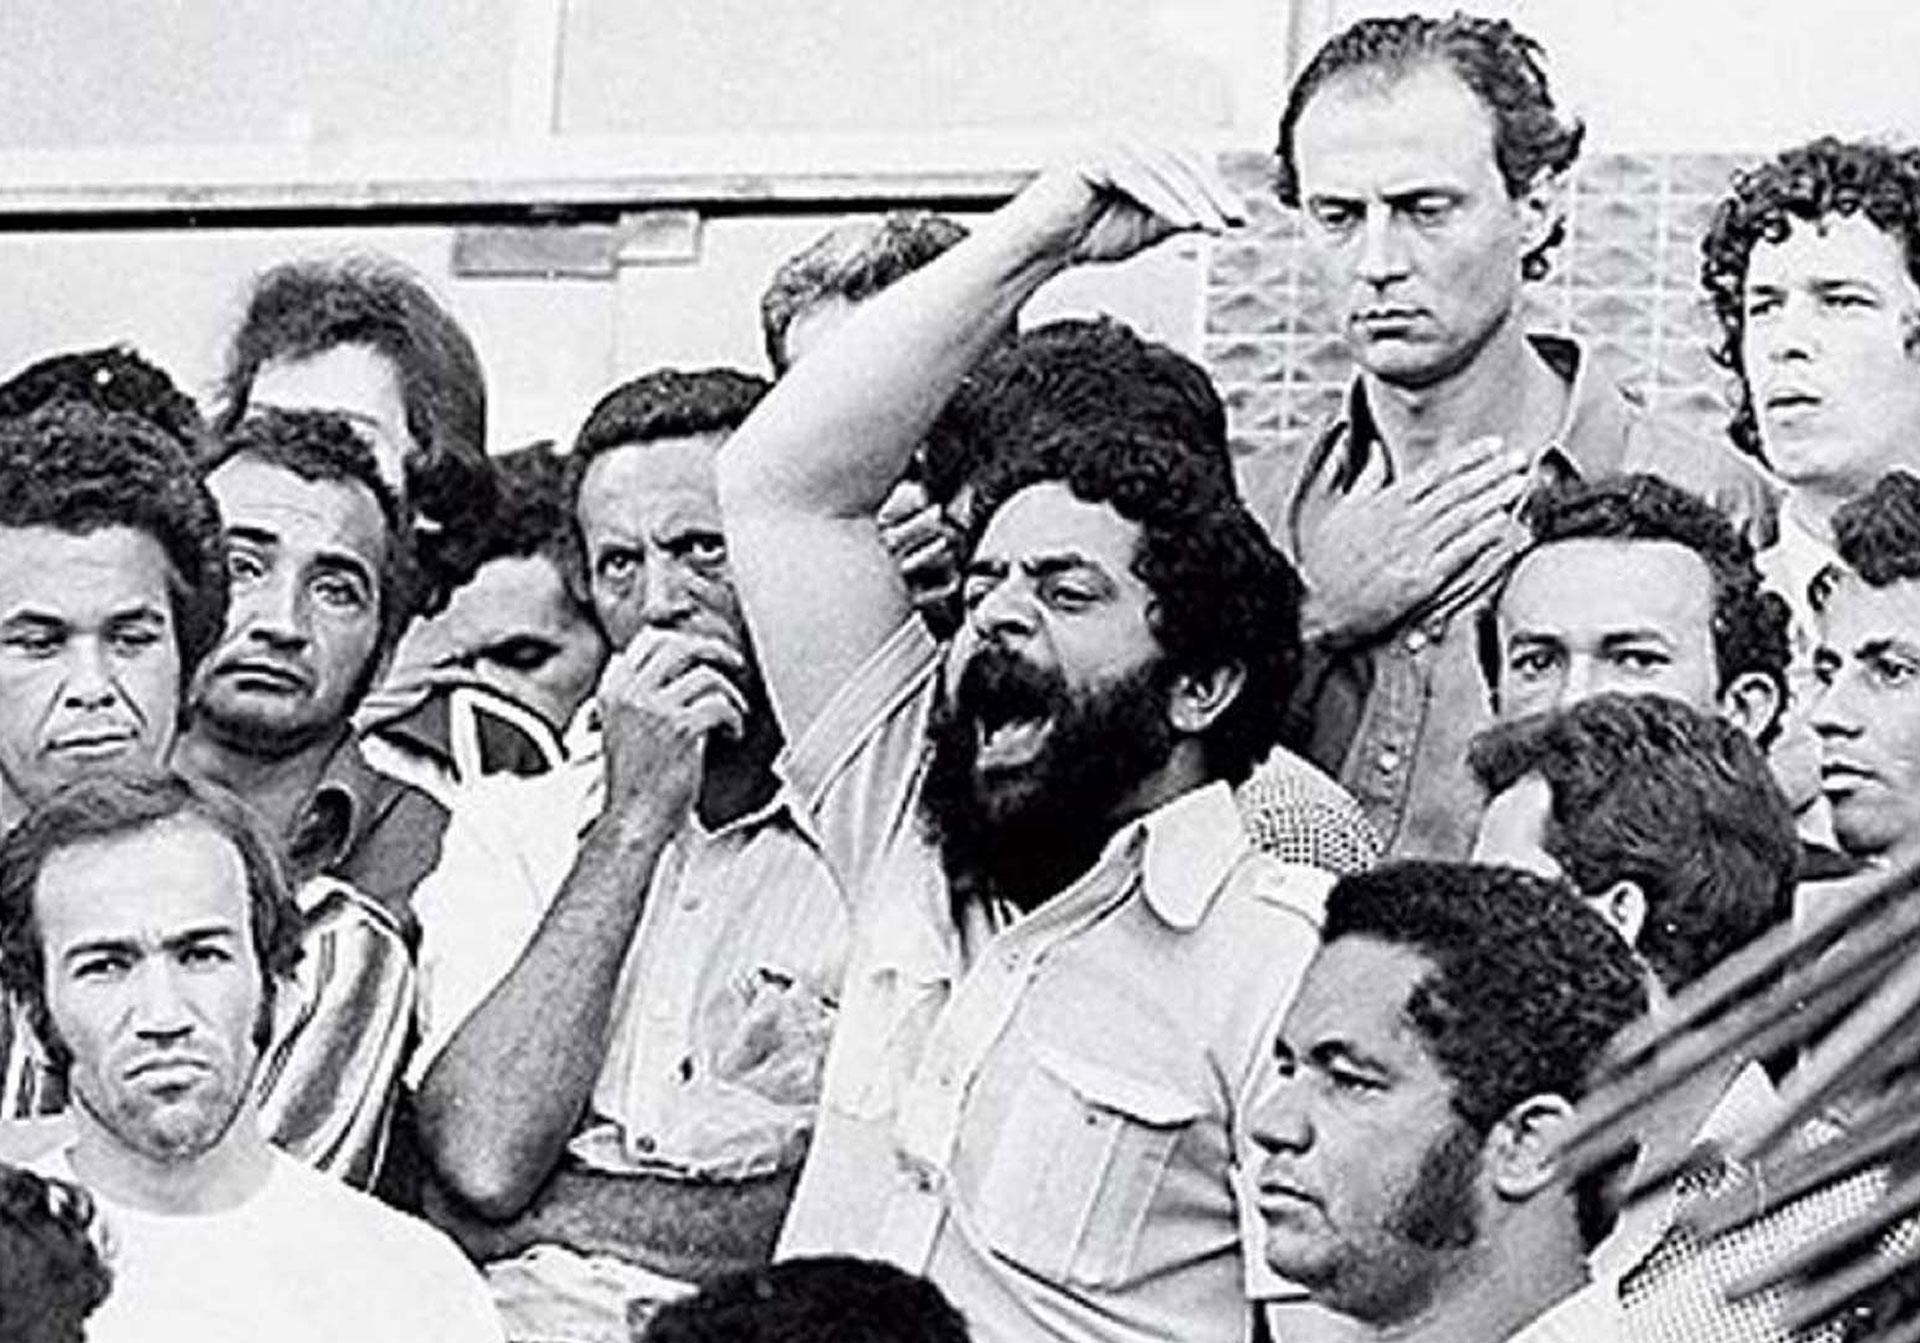 En la década de 1970, Lula asumió la presidencia del sindicato de los obreros de la metalurgia. Durante la dictadura militar fue uno de los dirigentes que convocó las mayores huelgas